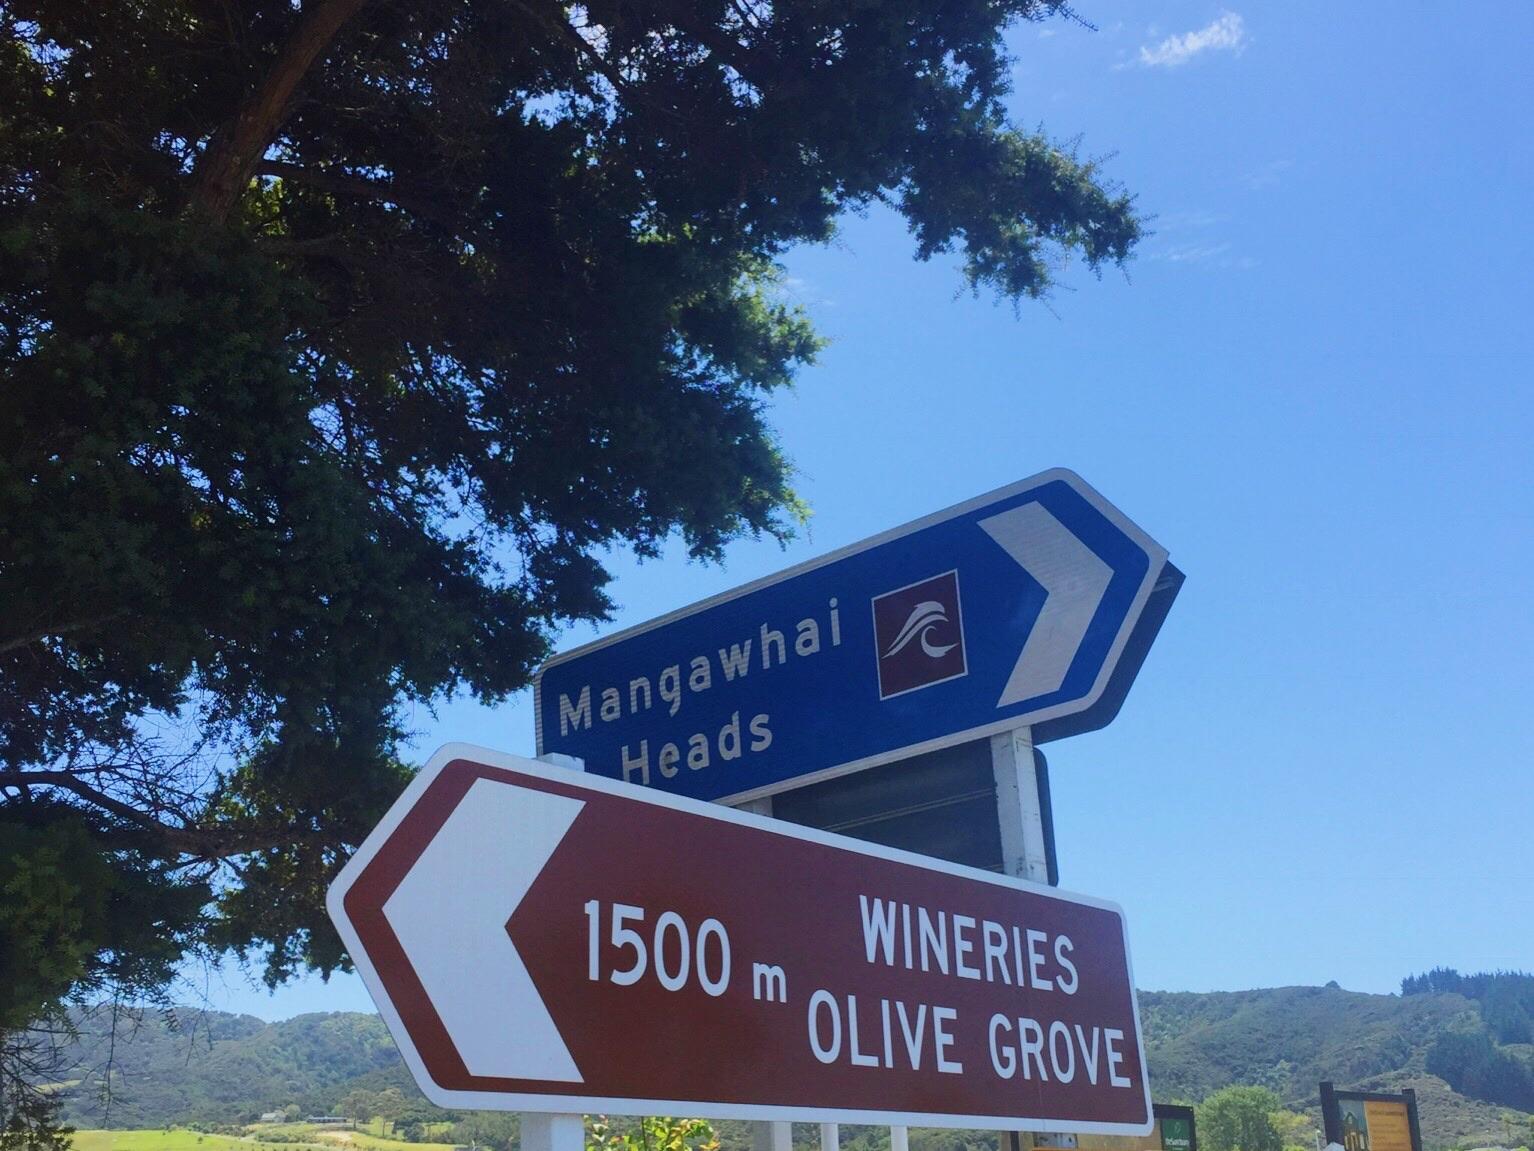 Mangawhai food trail